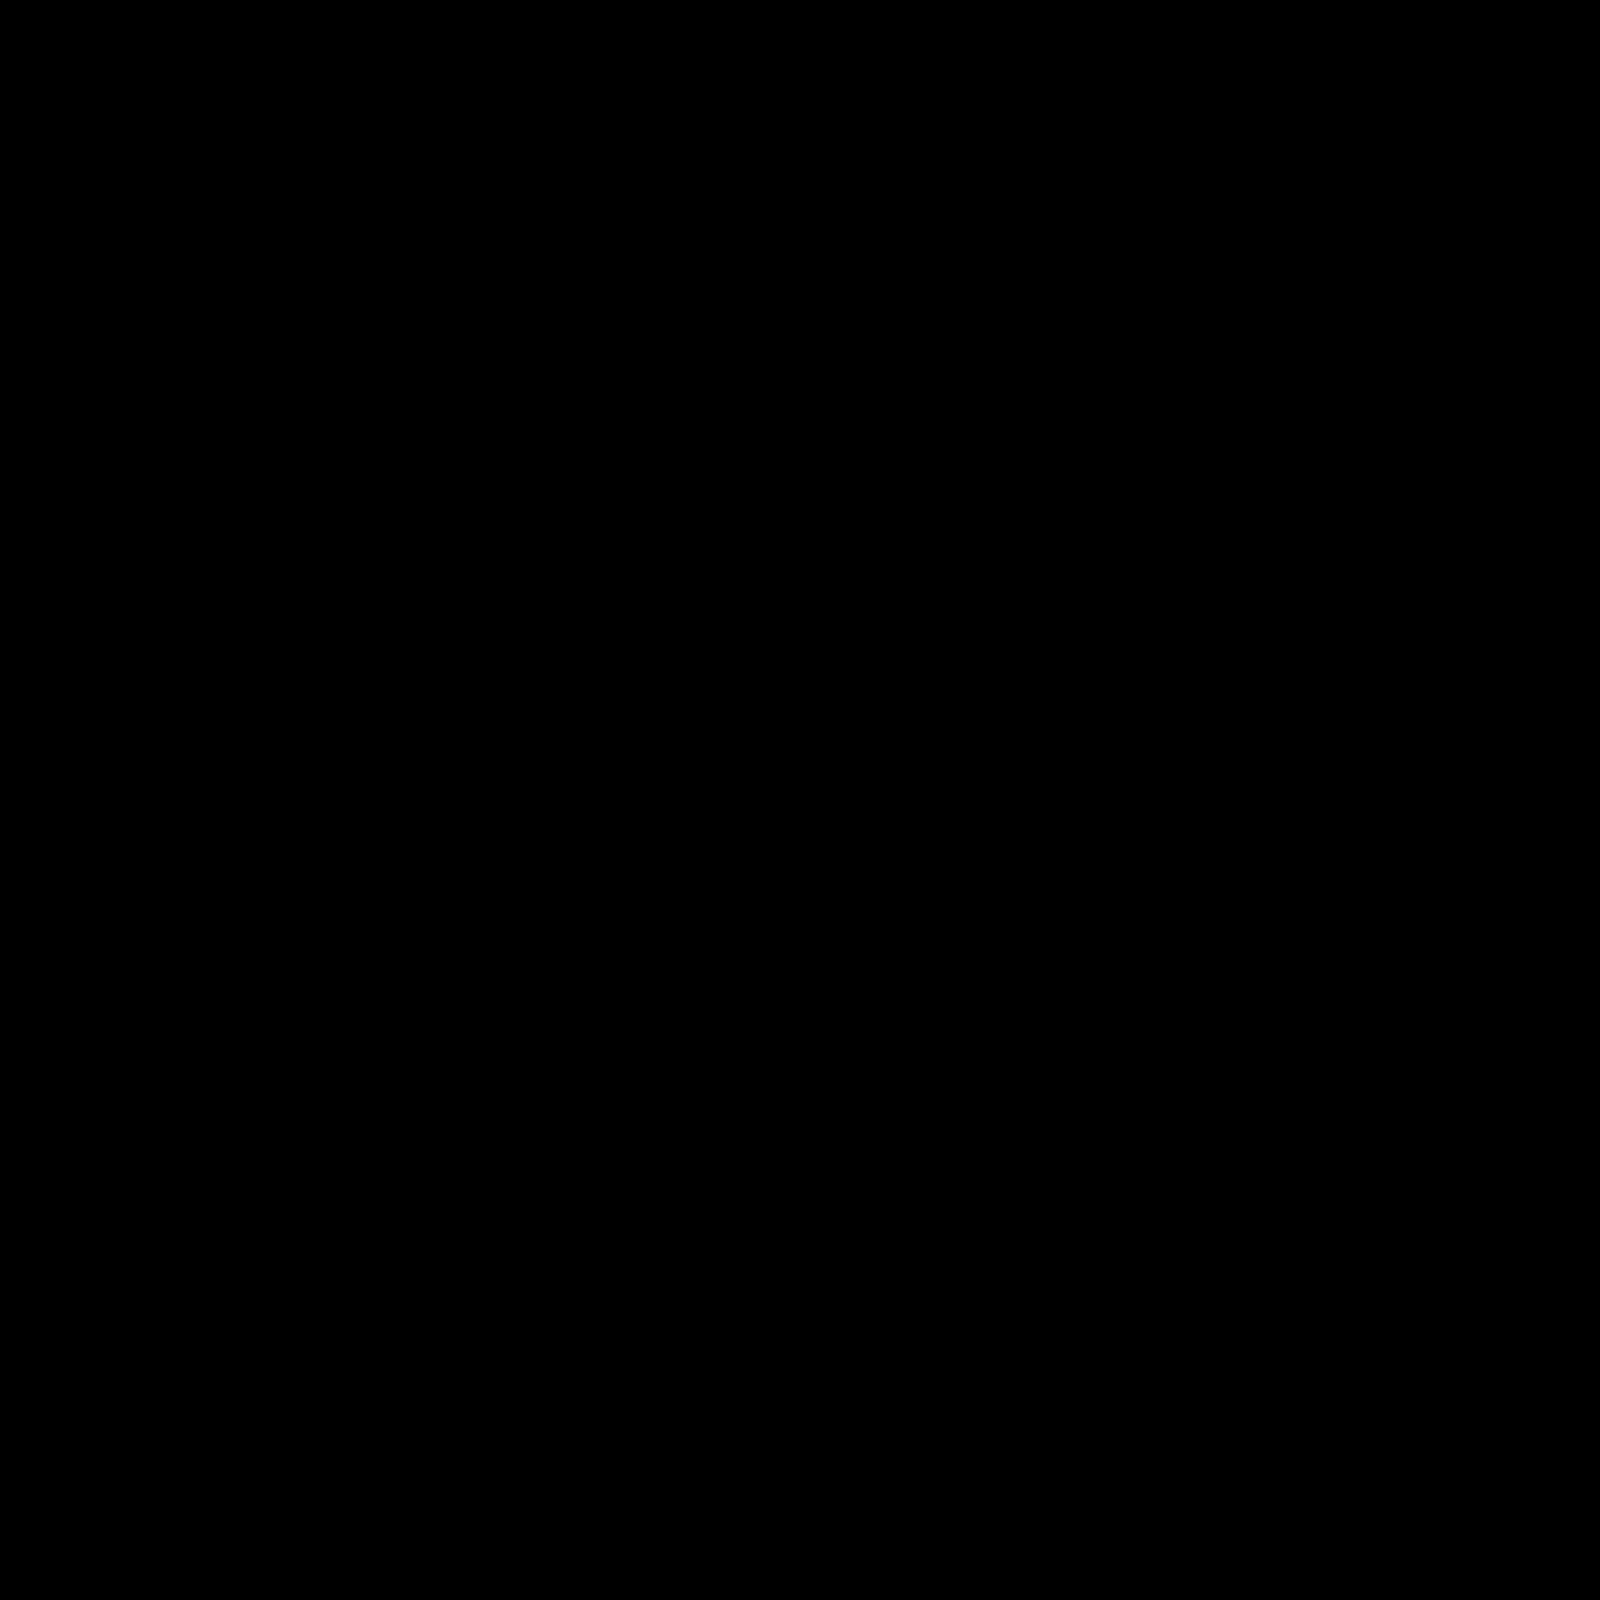 Neustart icon